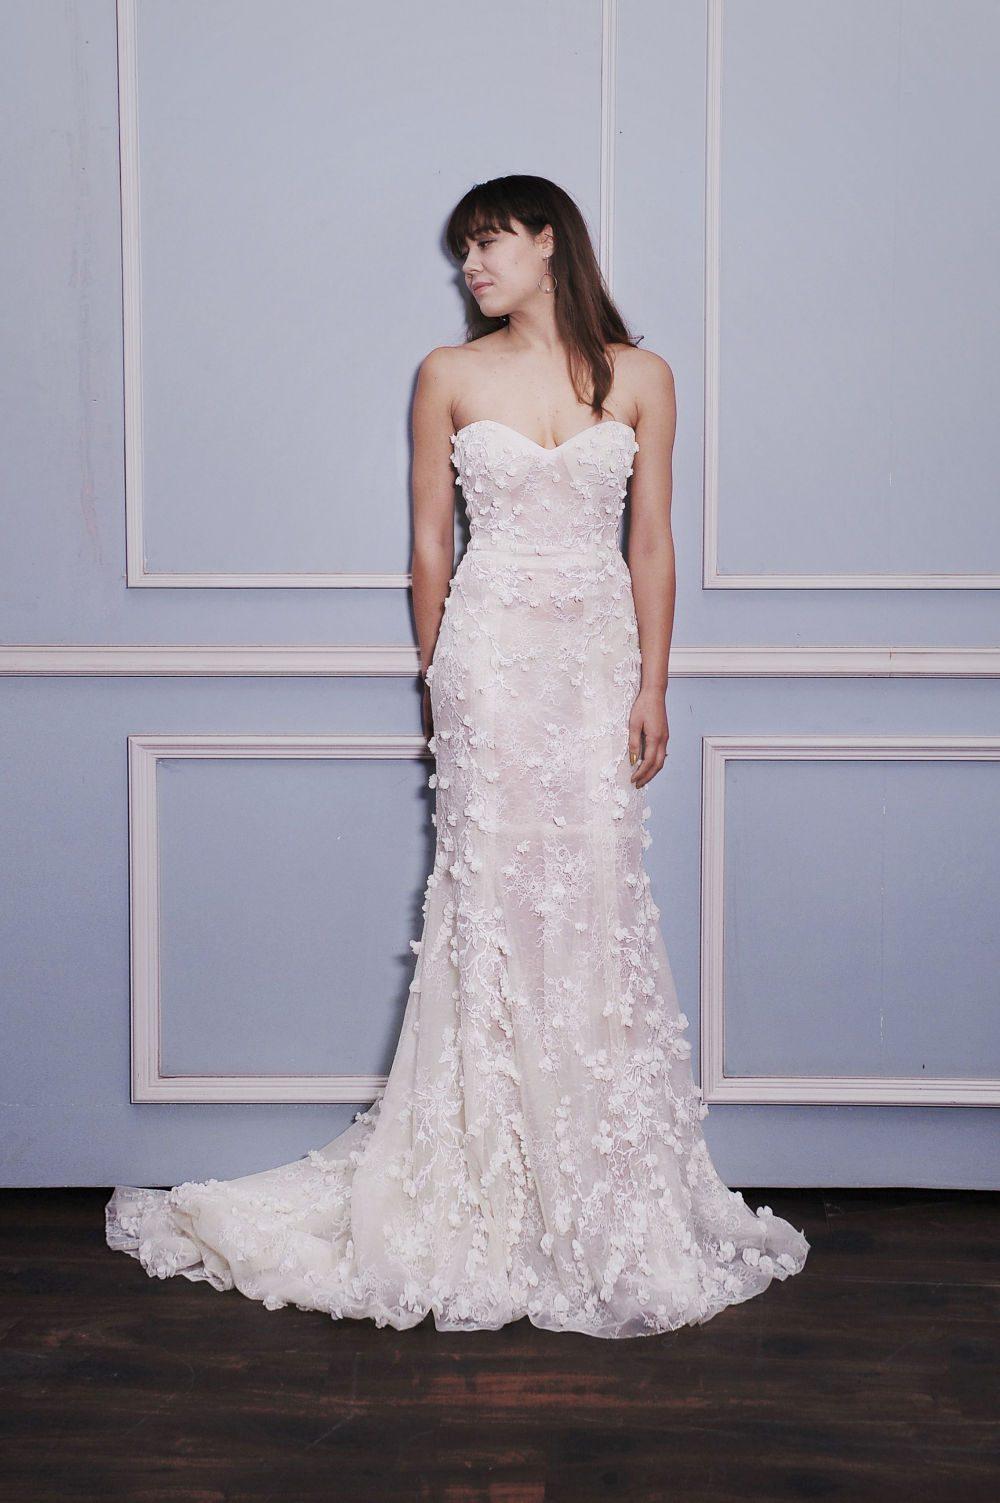 Kim Alpa Bridal - Wedding Dress Melbourne - Zaylee